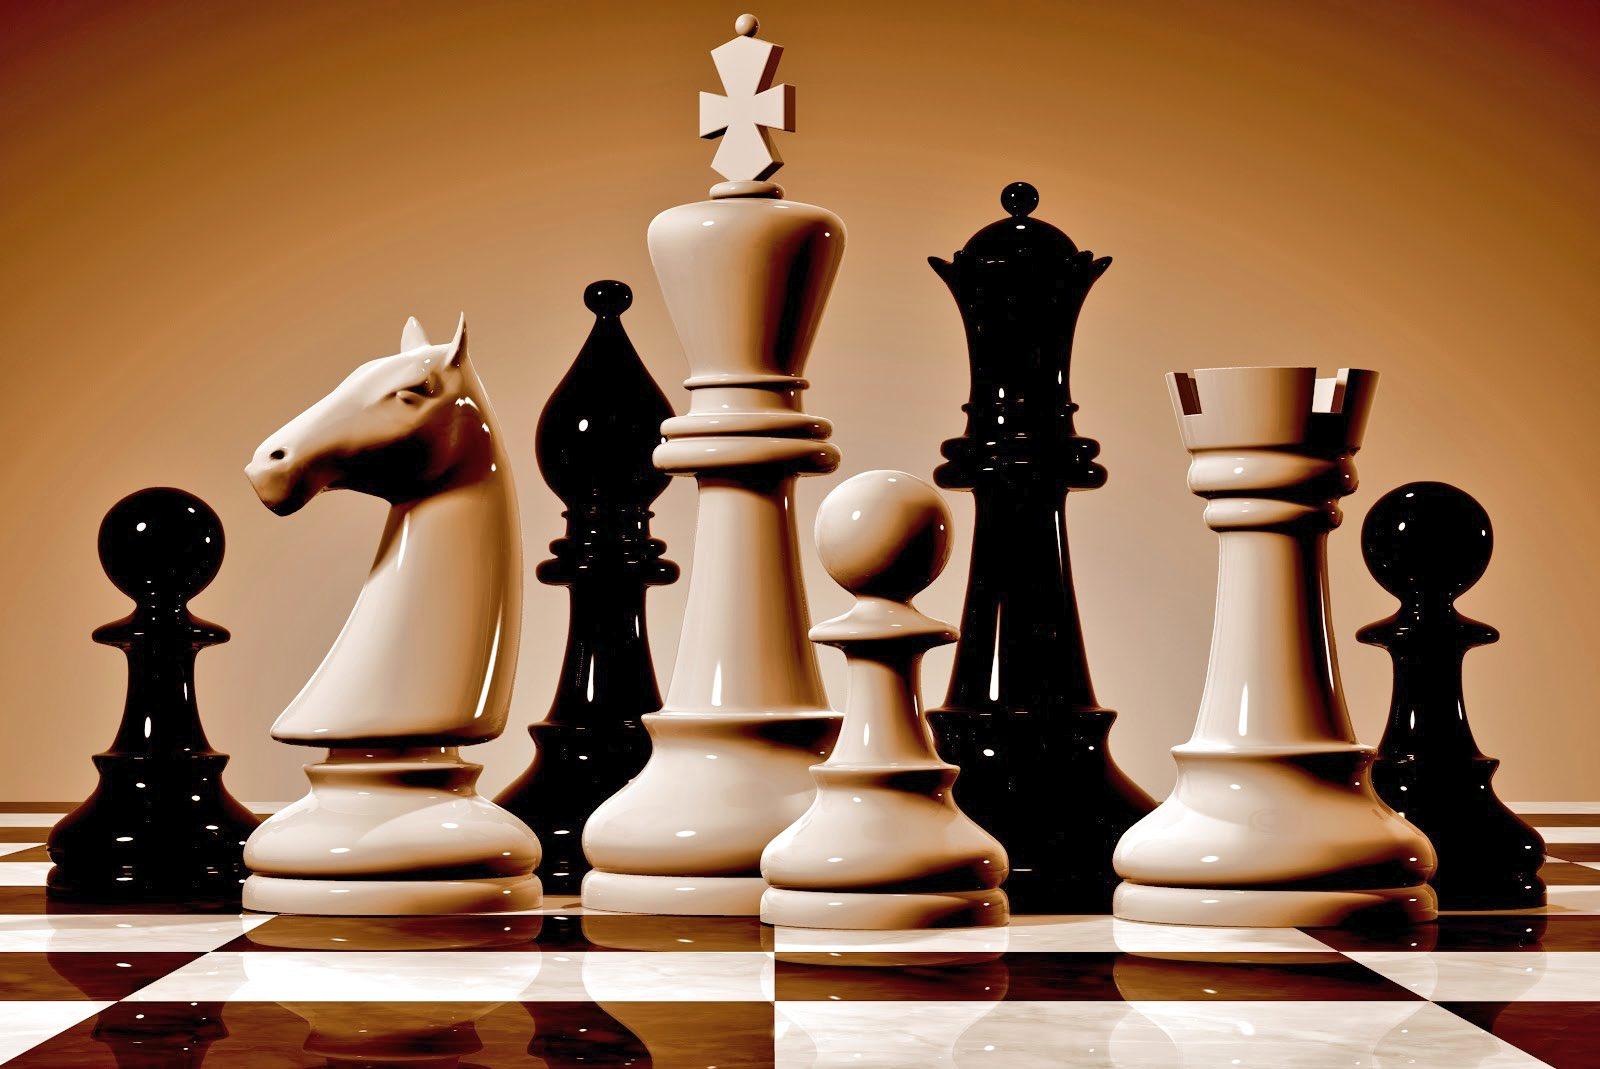 Картинка с шахматами, фотошопе сделать тиснение